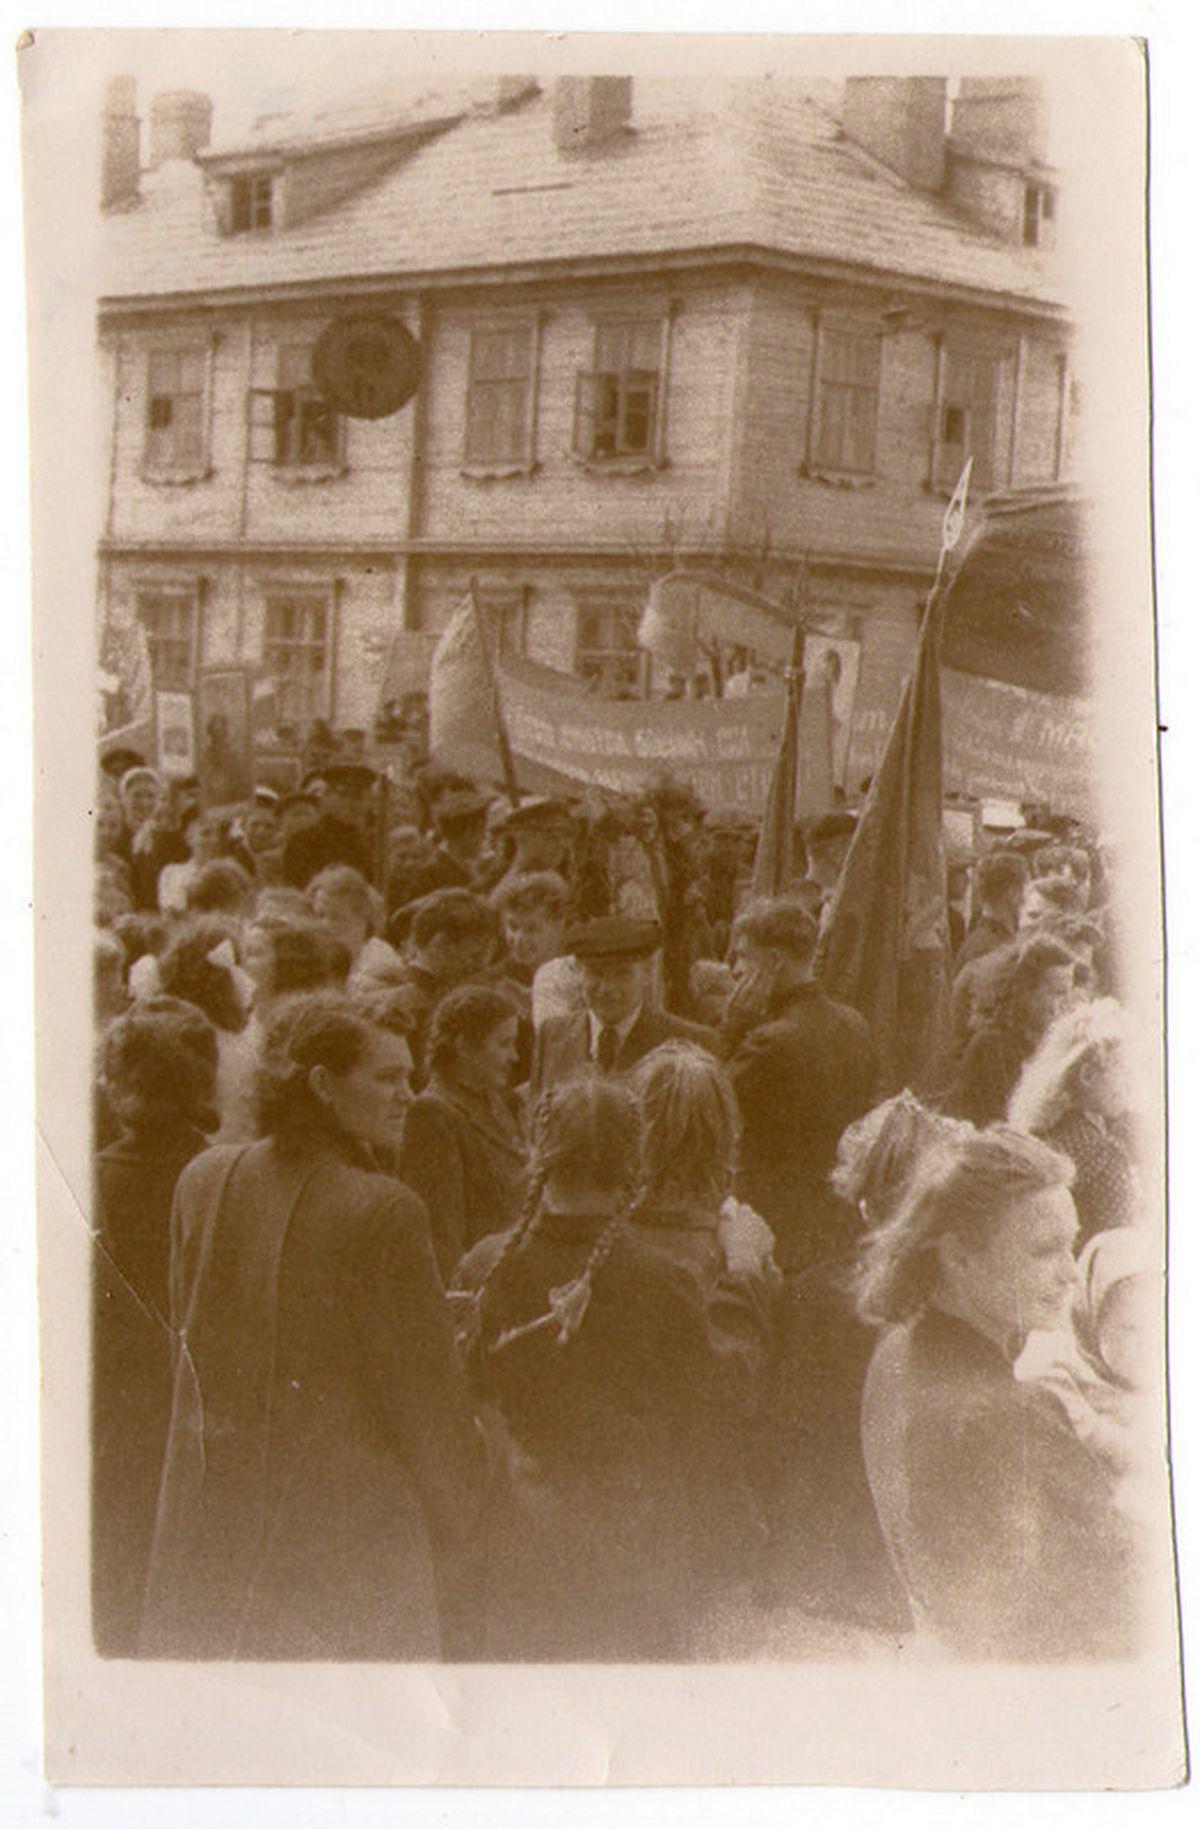 1949 год. Первомайская демонстрация. Фото: из коллекции Руслана РЕВЯКО